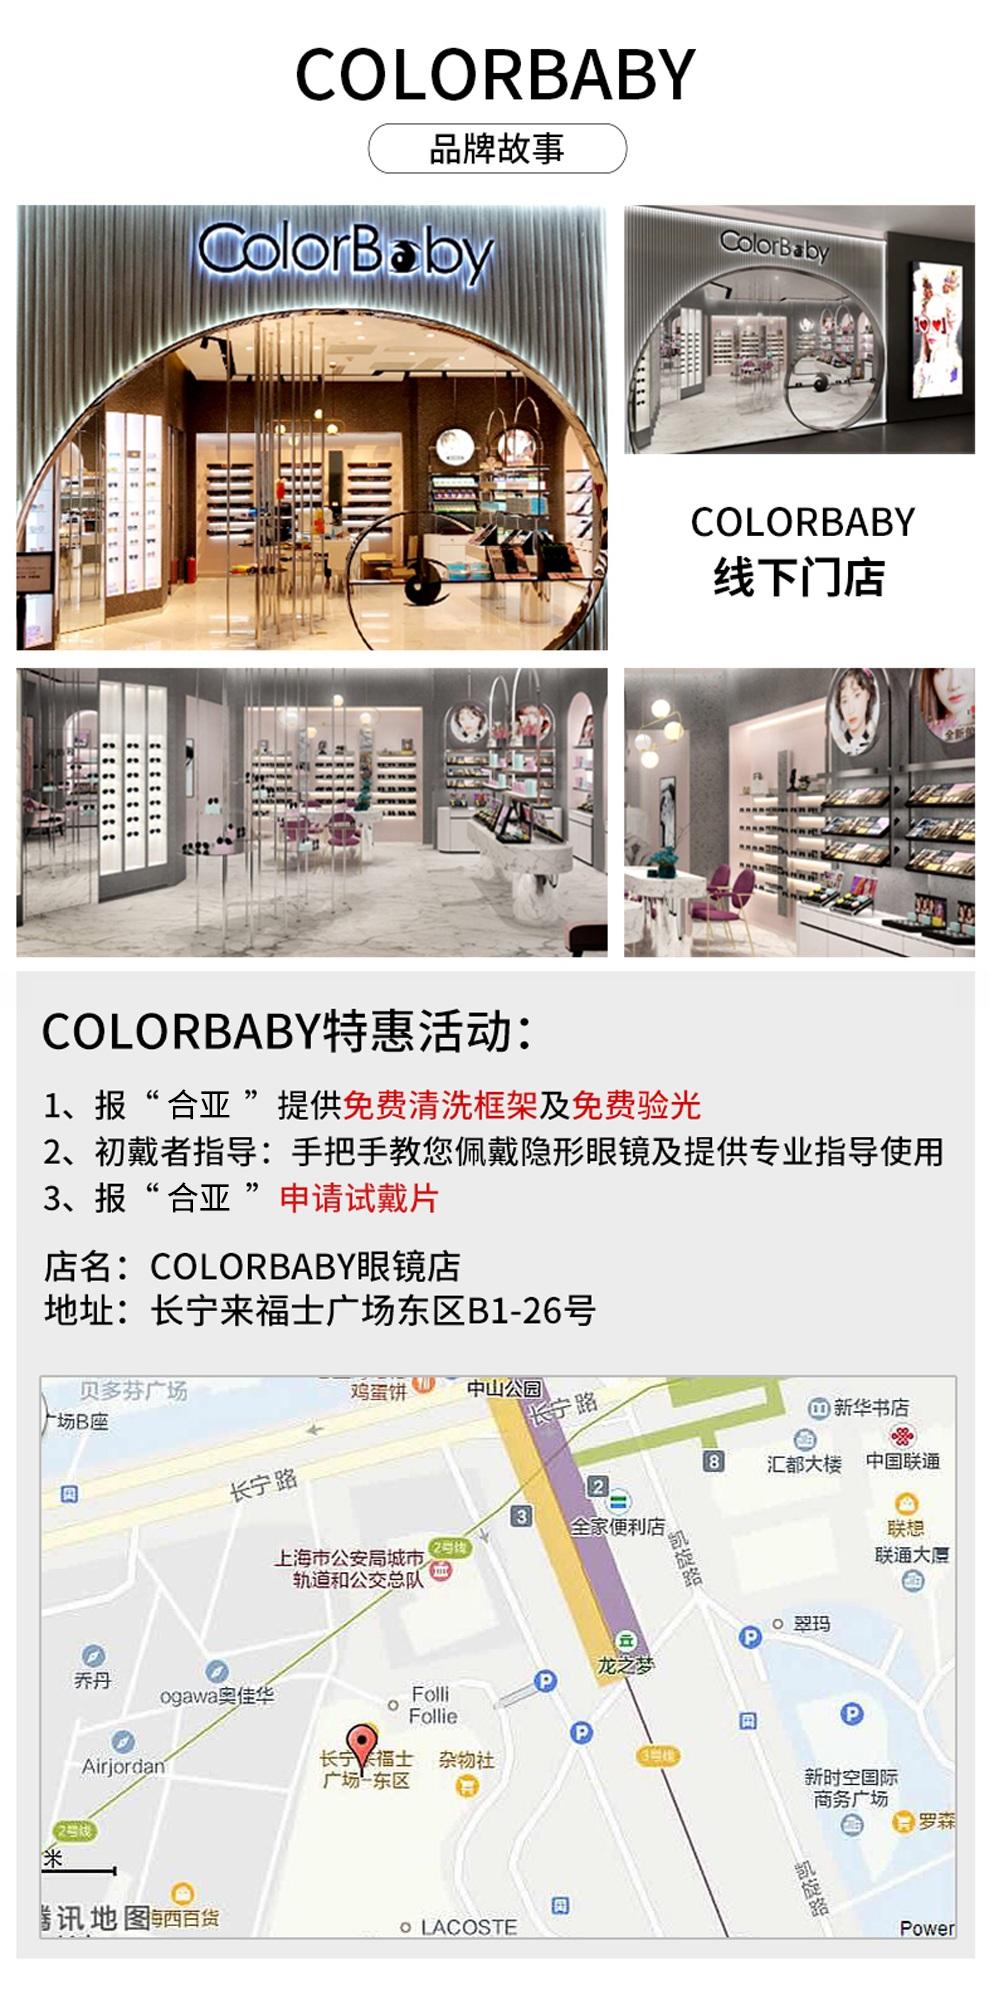 Colorbaby介绍990.jpg